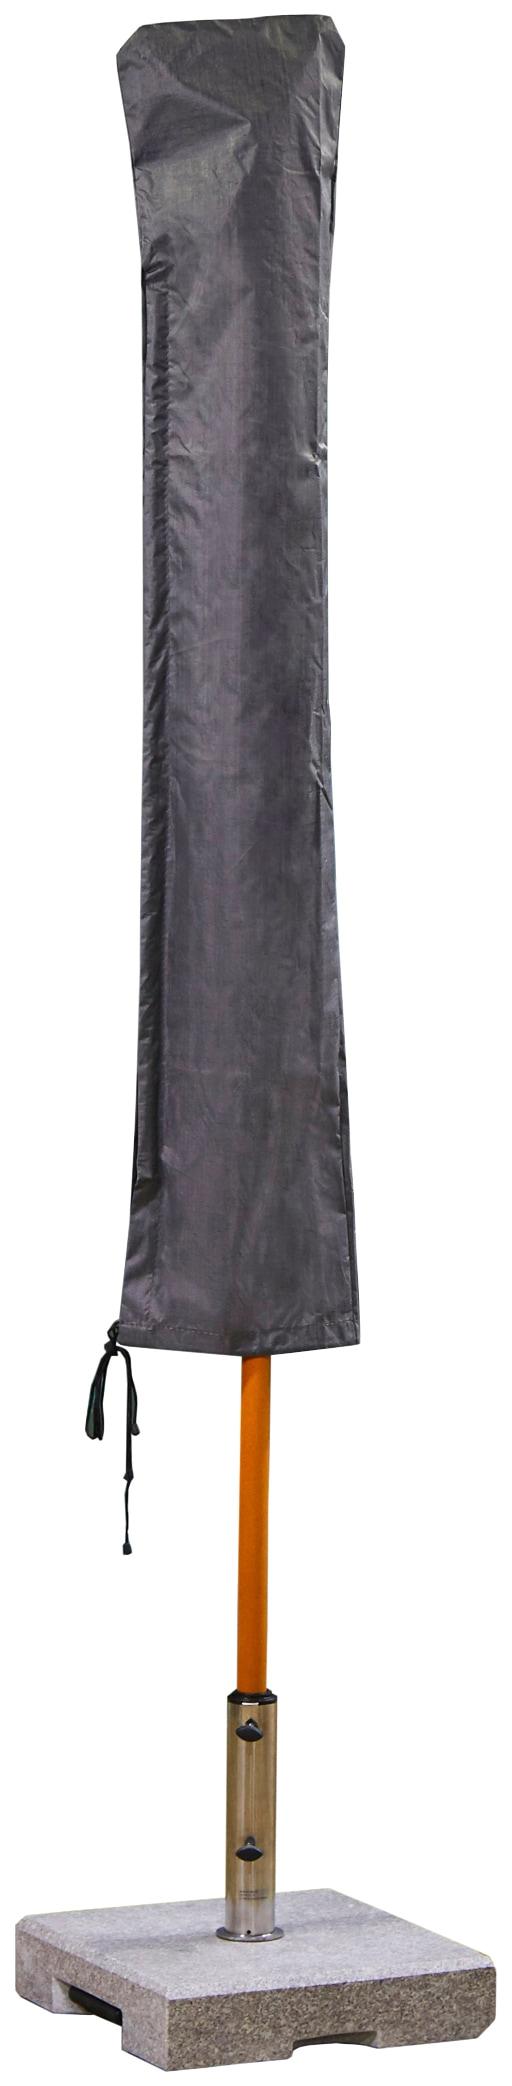 winza outdoor covers Sonnenschirm-Schutzhülle, geeignet für Schirme bis ø 500 cm grau Sonnenschirm-Schutzhülle Gartenmöbel-Schutzhüllen Gartenmöbel Gartendeko